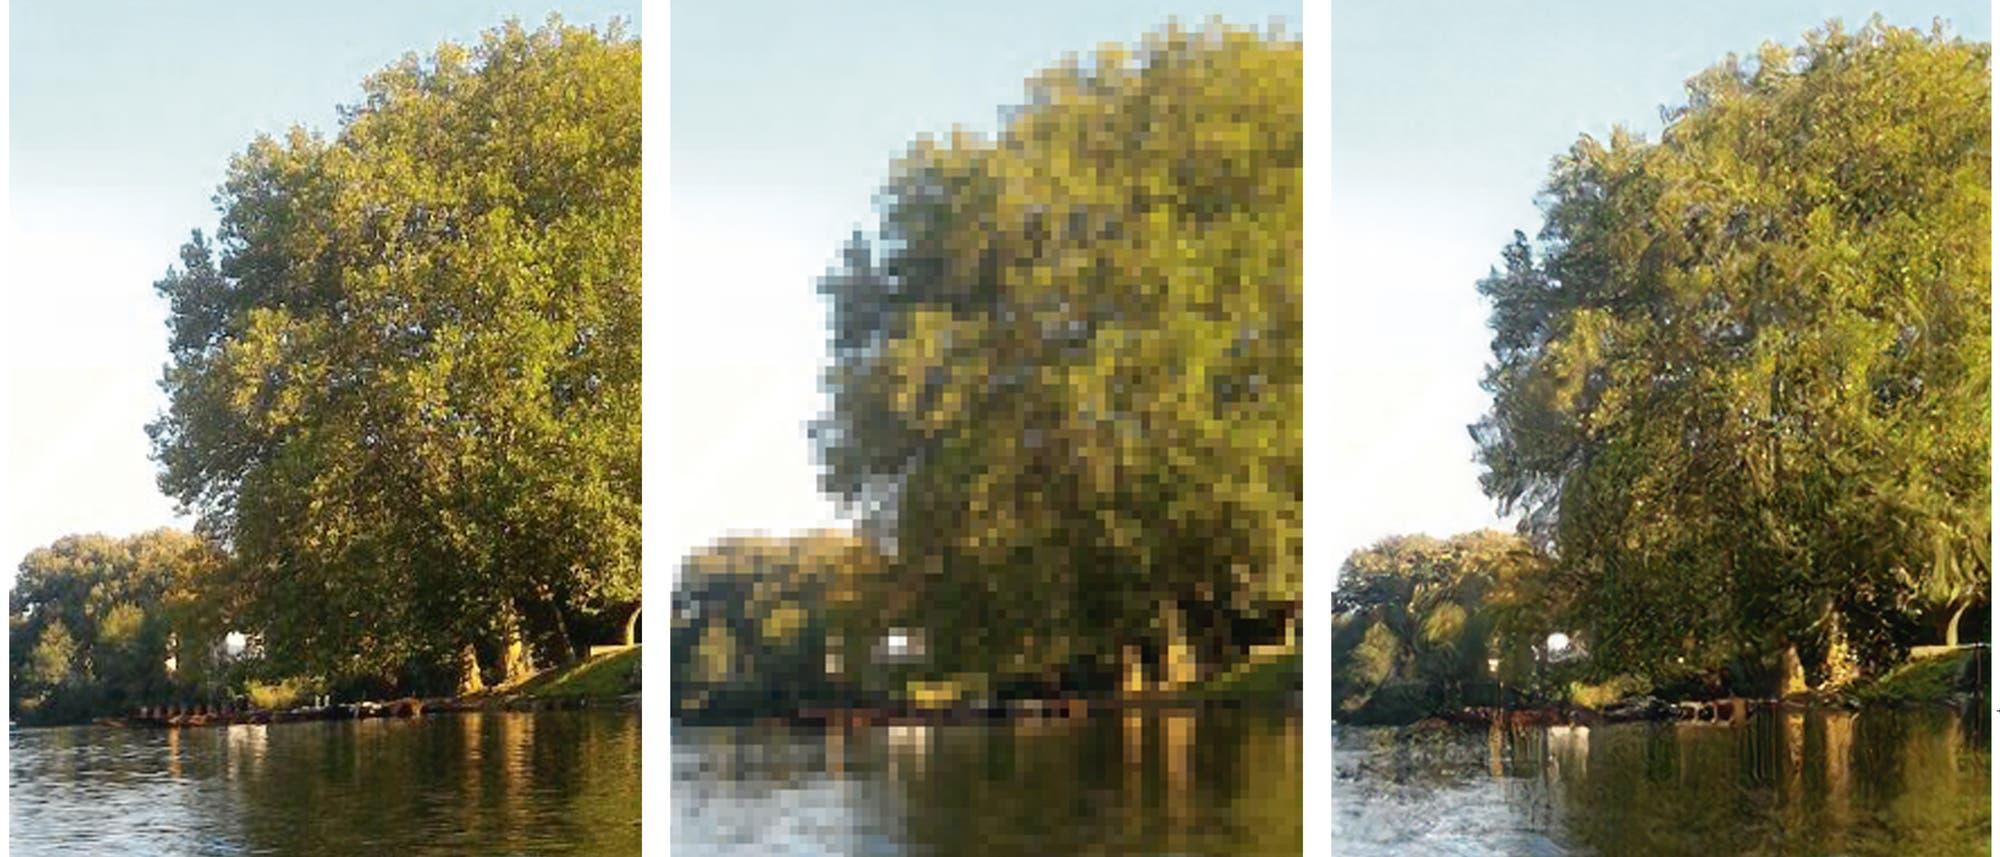 Aus einem Bild, das wegen viel zu geringer Pixelzahl (Mitte) das Original (links) nur mangelhaft wiedergibt, errechnet ein neuronales Netz Rekonstruktionen (rechts), die dem Original nahekommen.